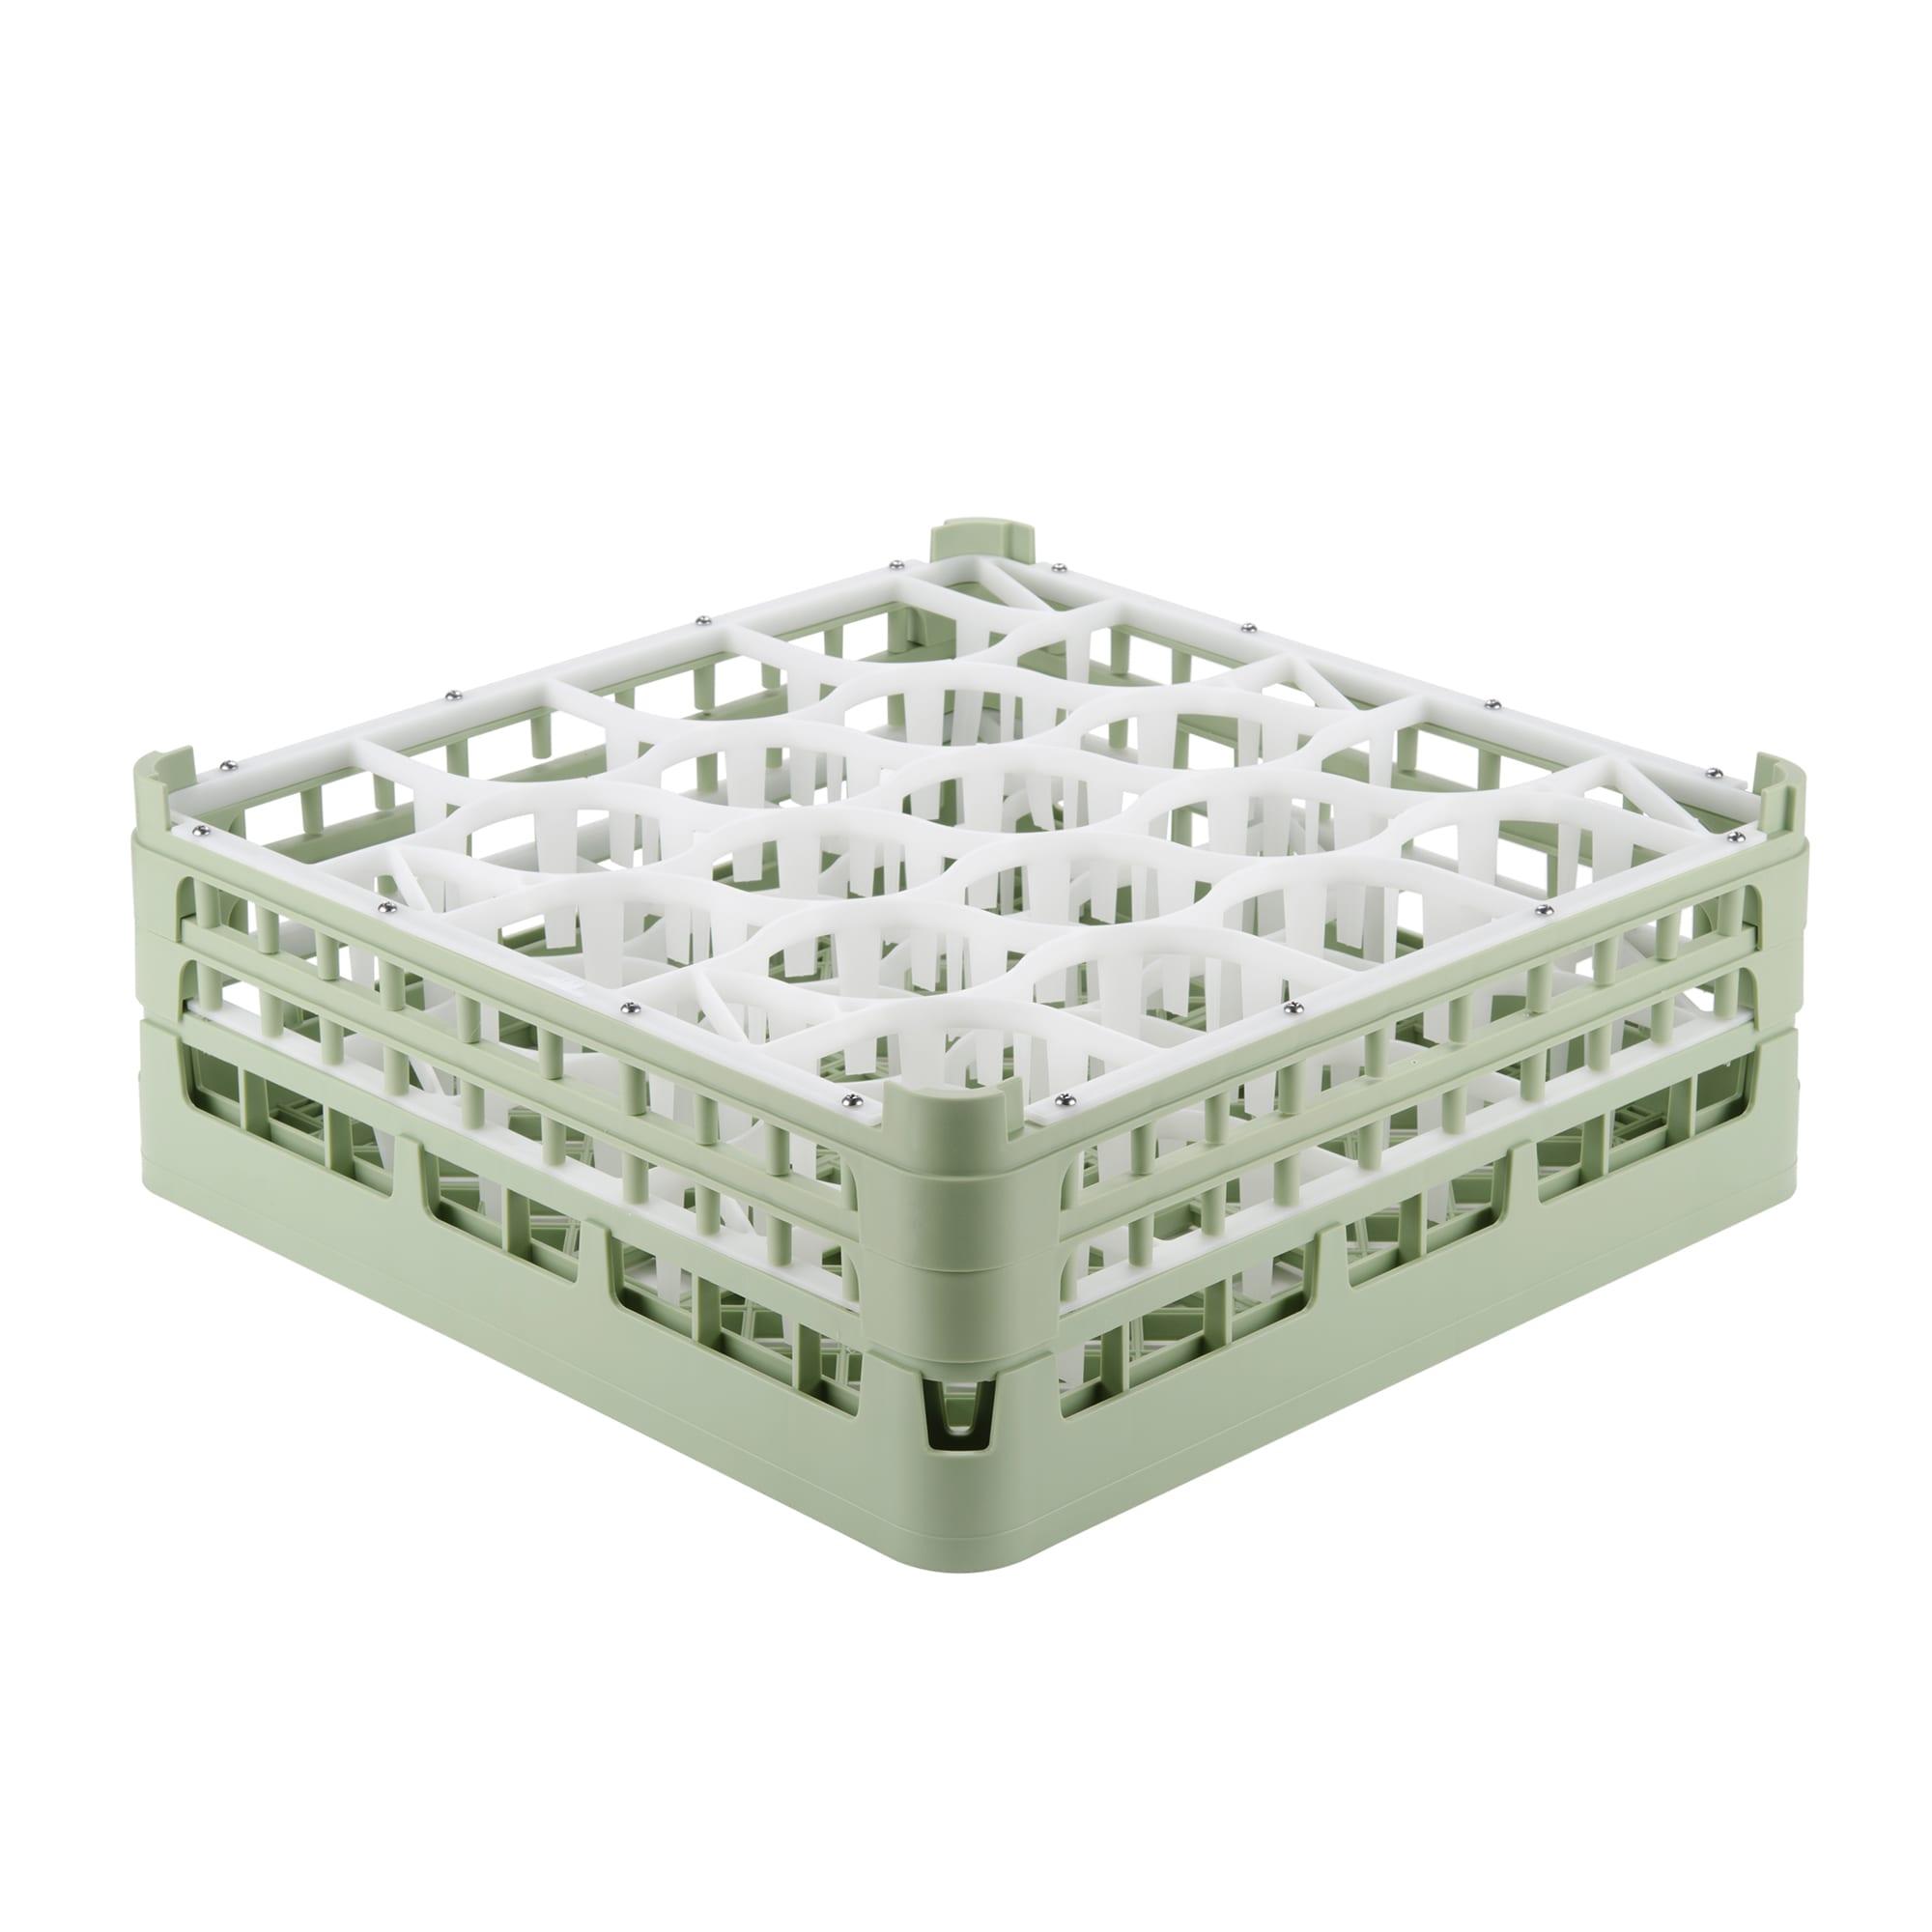 """Vollrath 52703 1 Dishwasher Rack - 20-Lemon-Drop, Tall, Full-Size, 19-3/4x19-3/4"""" Green"""